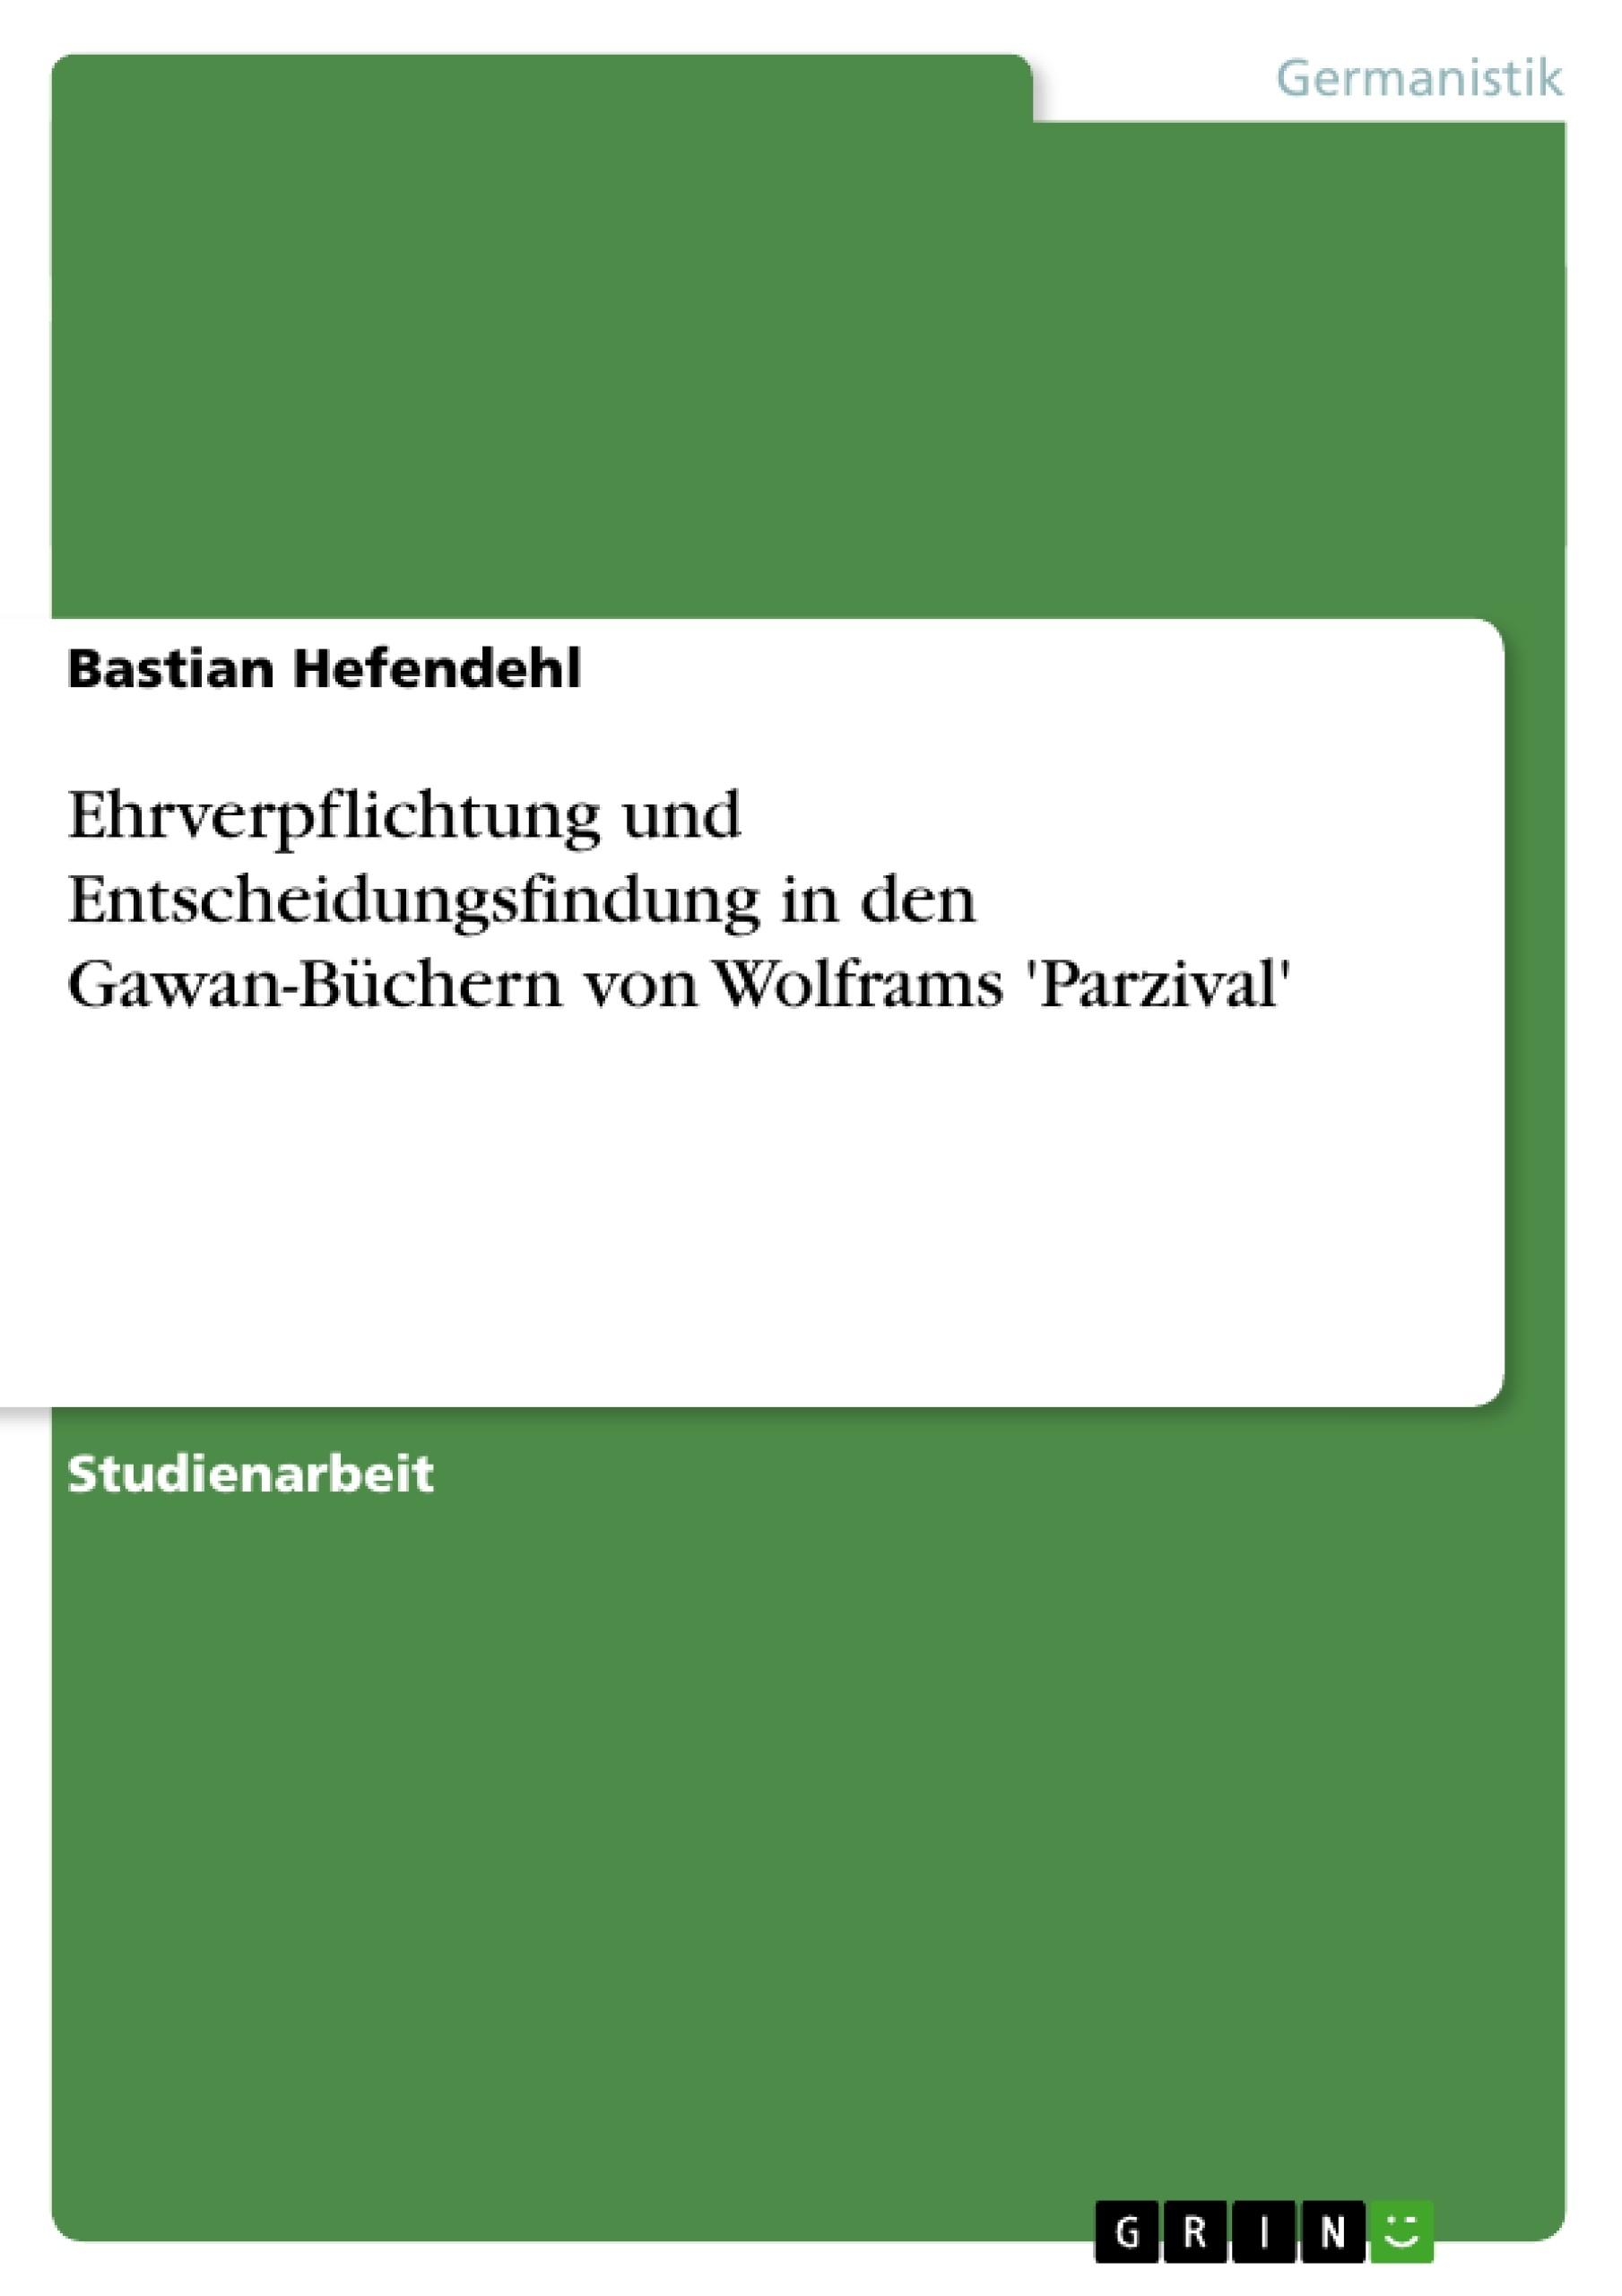 Titel: Ehrverpflichtung und Entscheidungsfindung in den Gawan-Büchern von Wolframs 'Parzival'